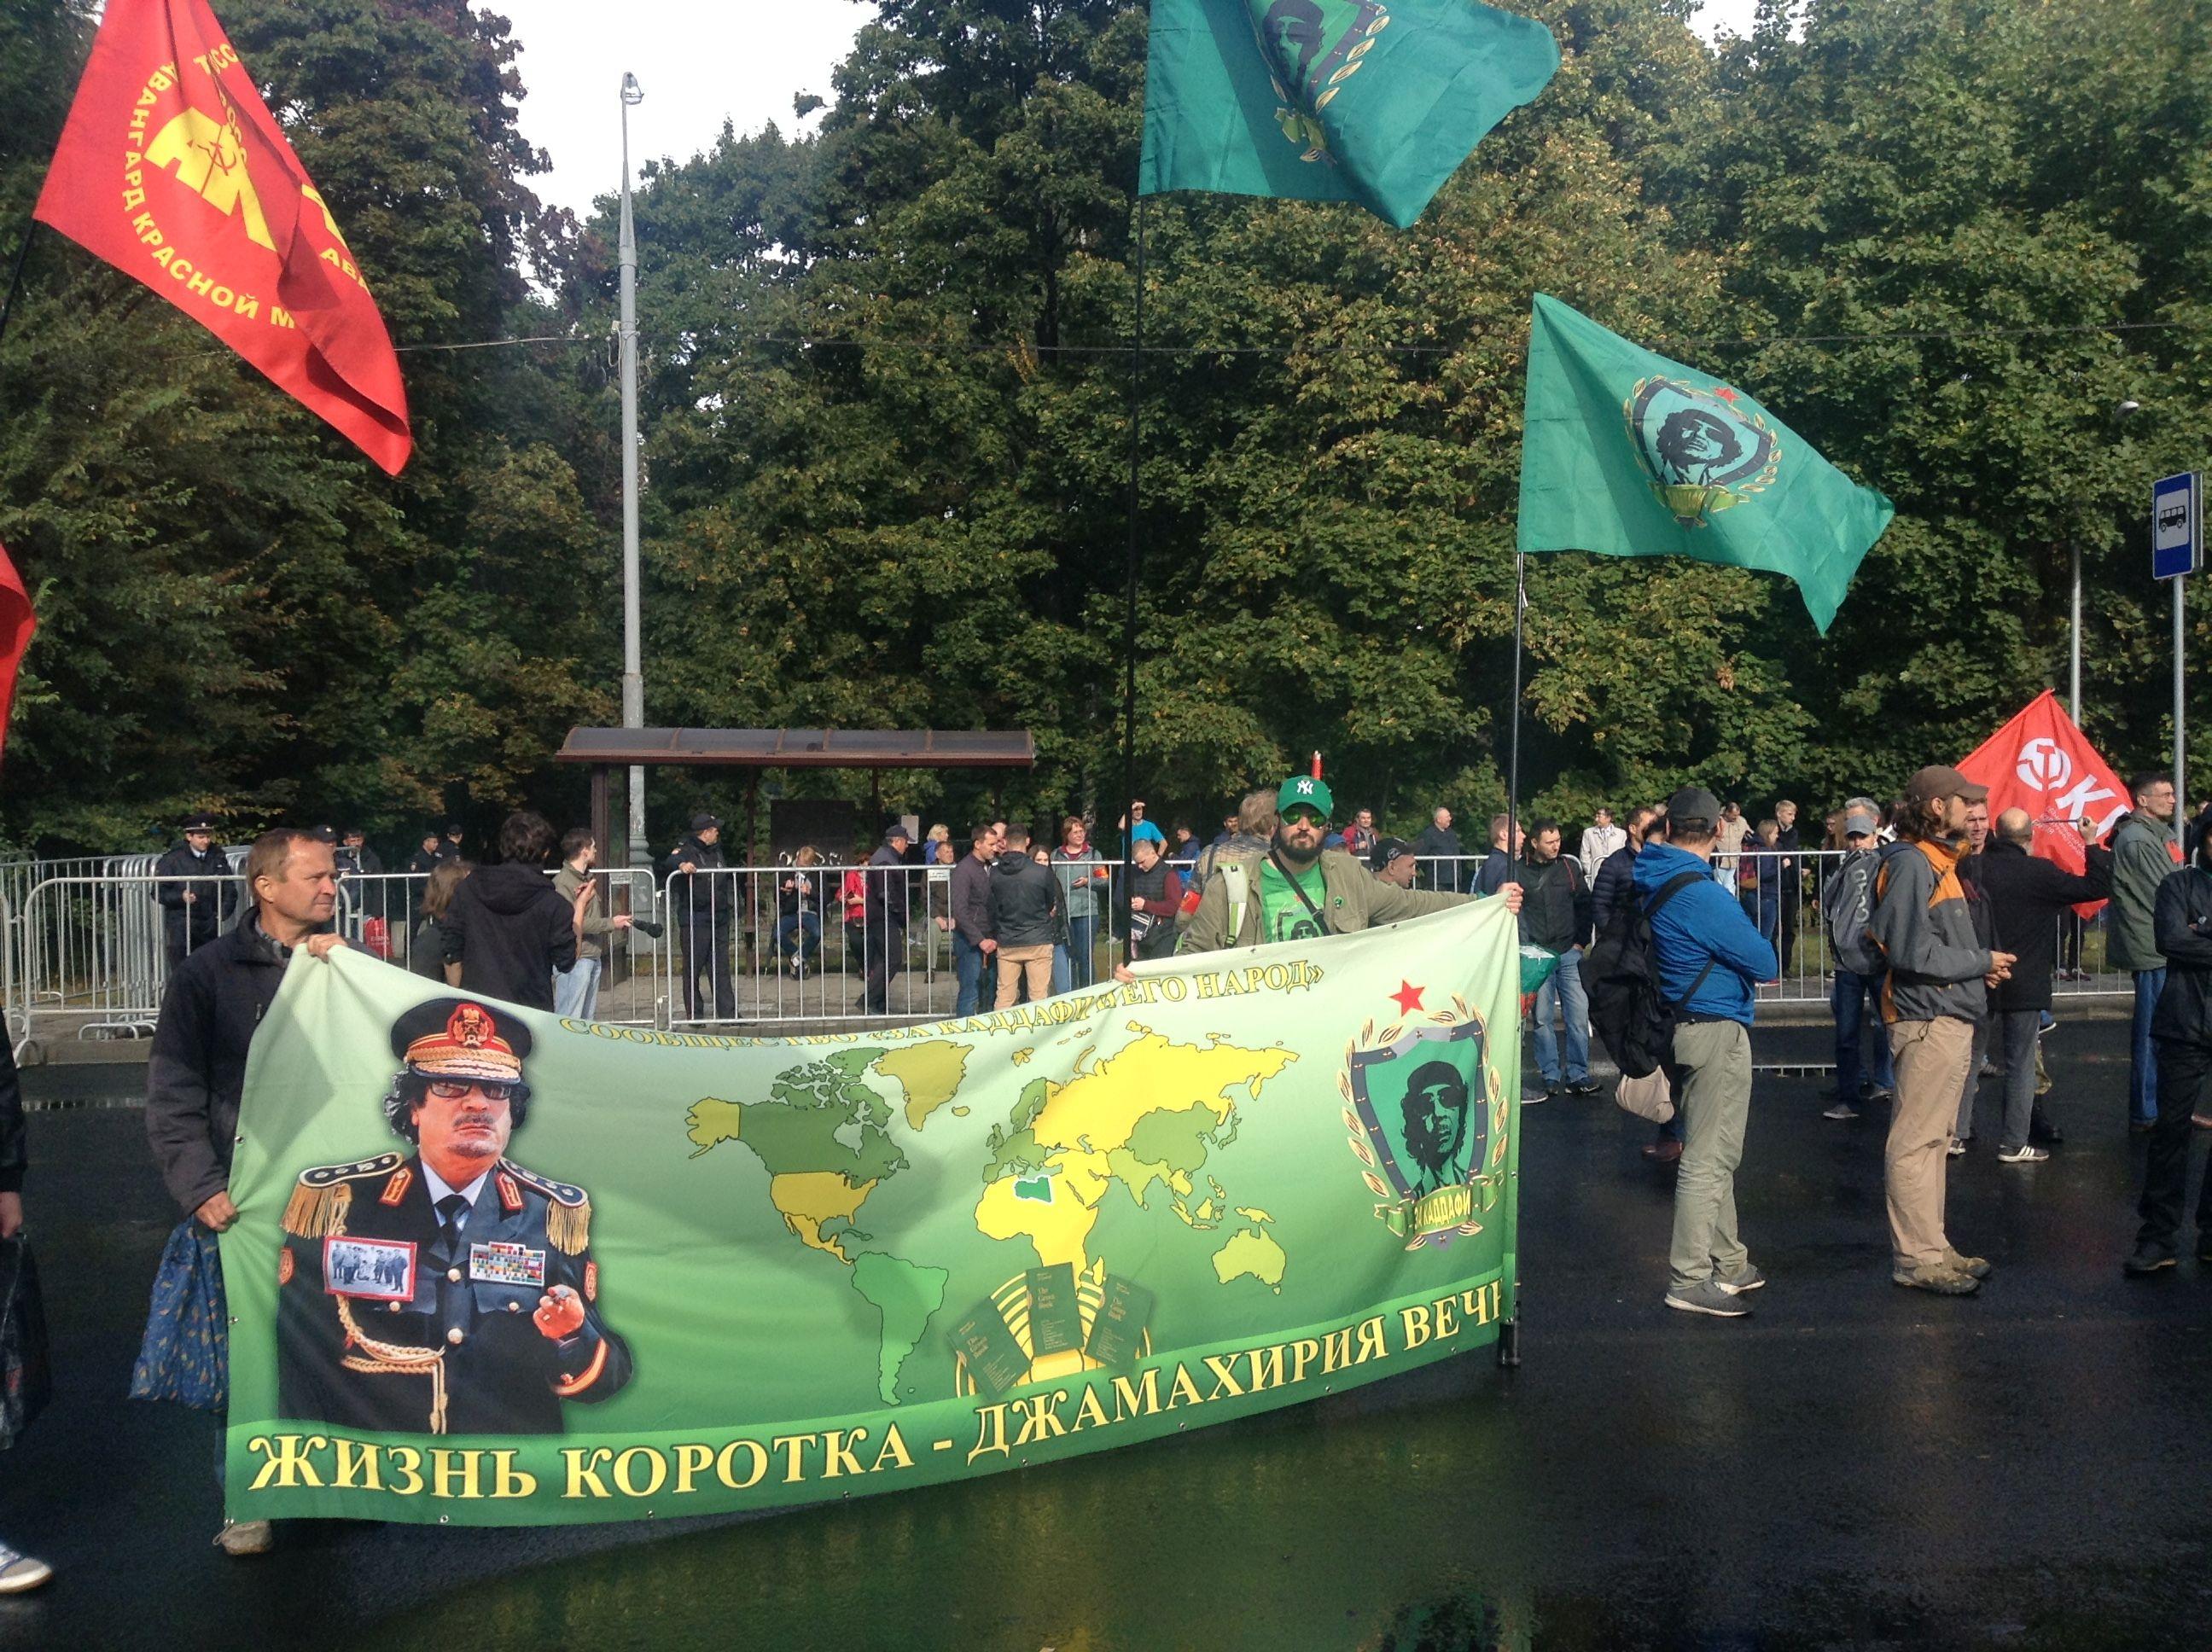 23 سبتمبر في روسيا IMG_7216